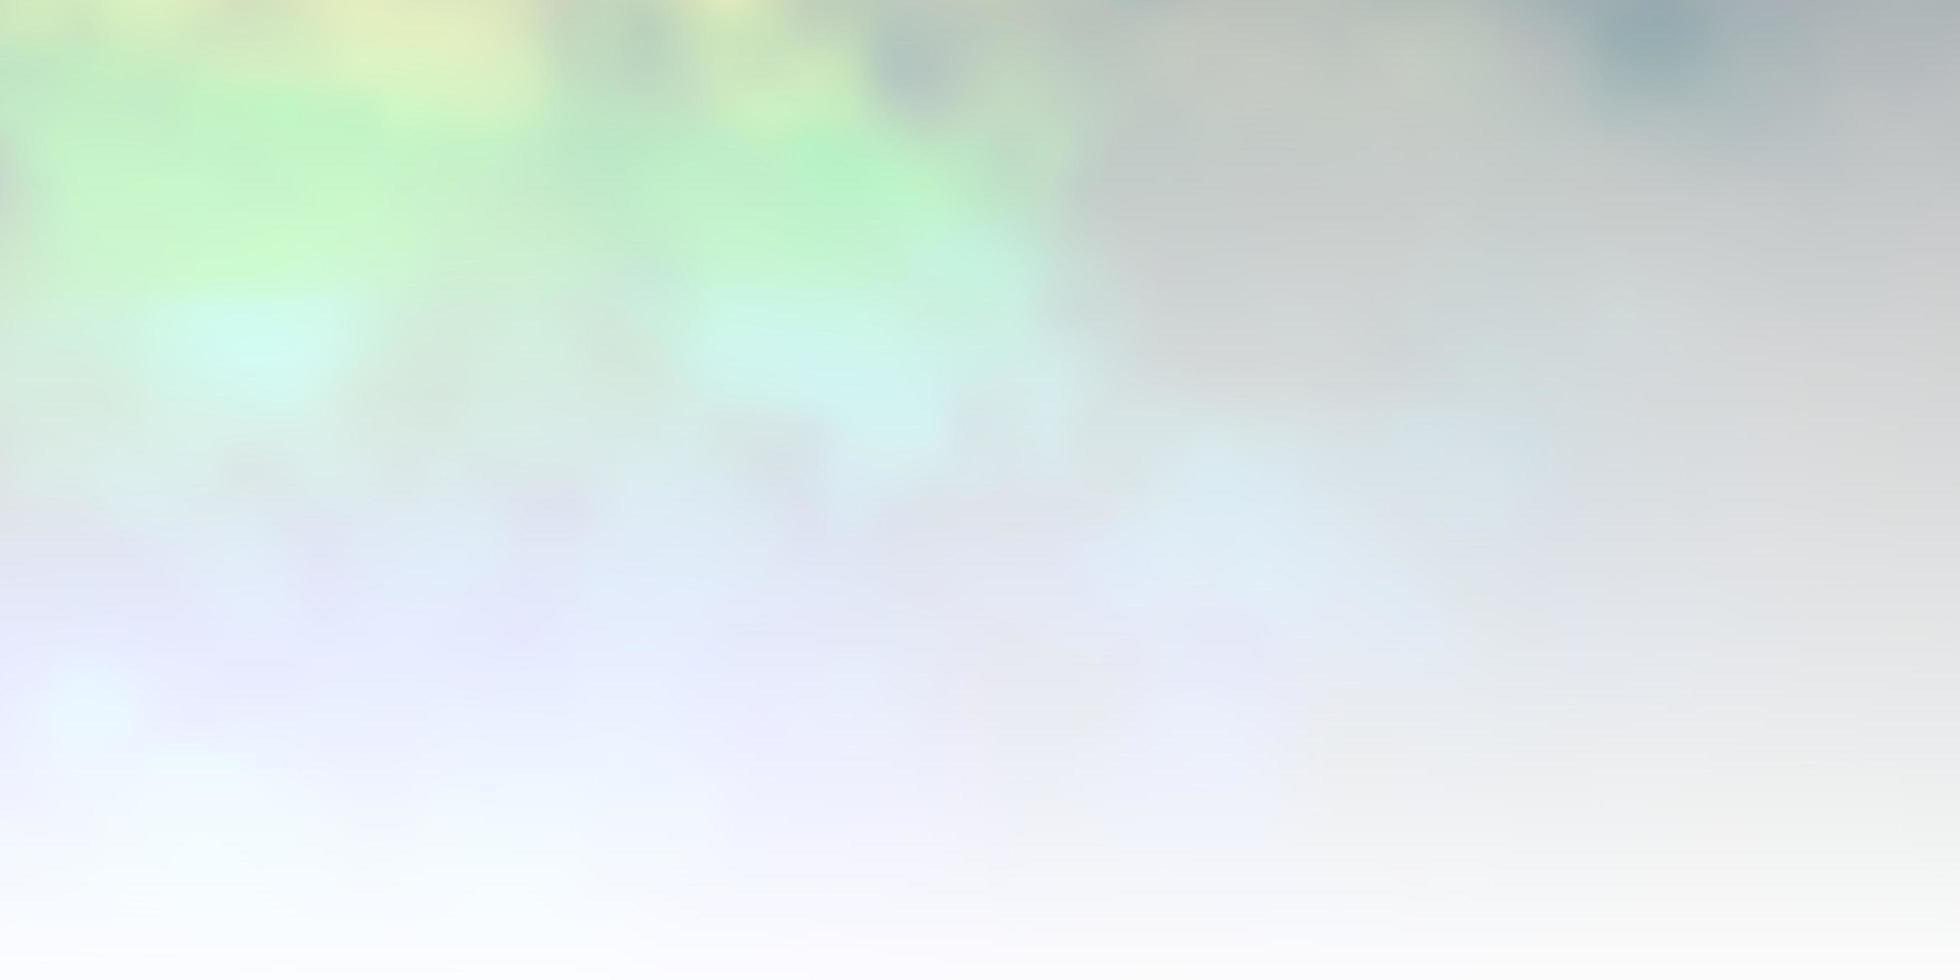 donkere veelkleurige textuur met bewolkte hemel. vector